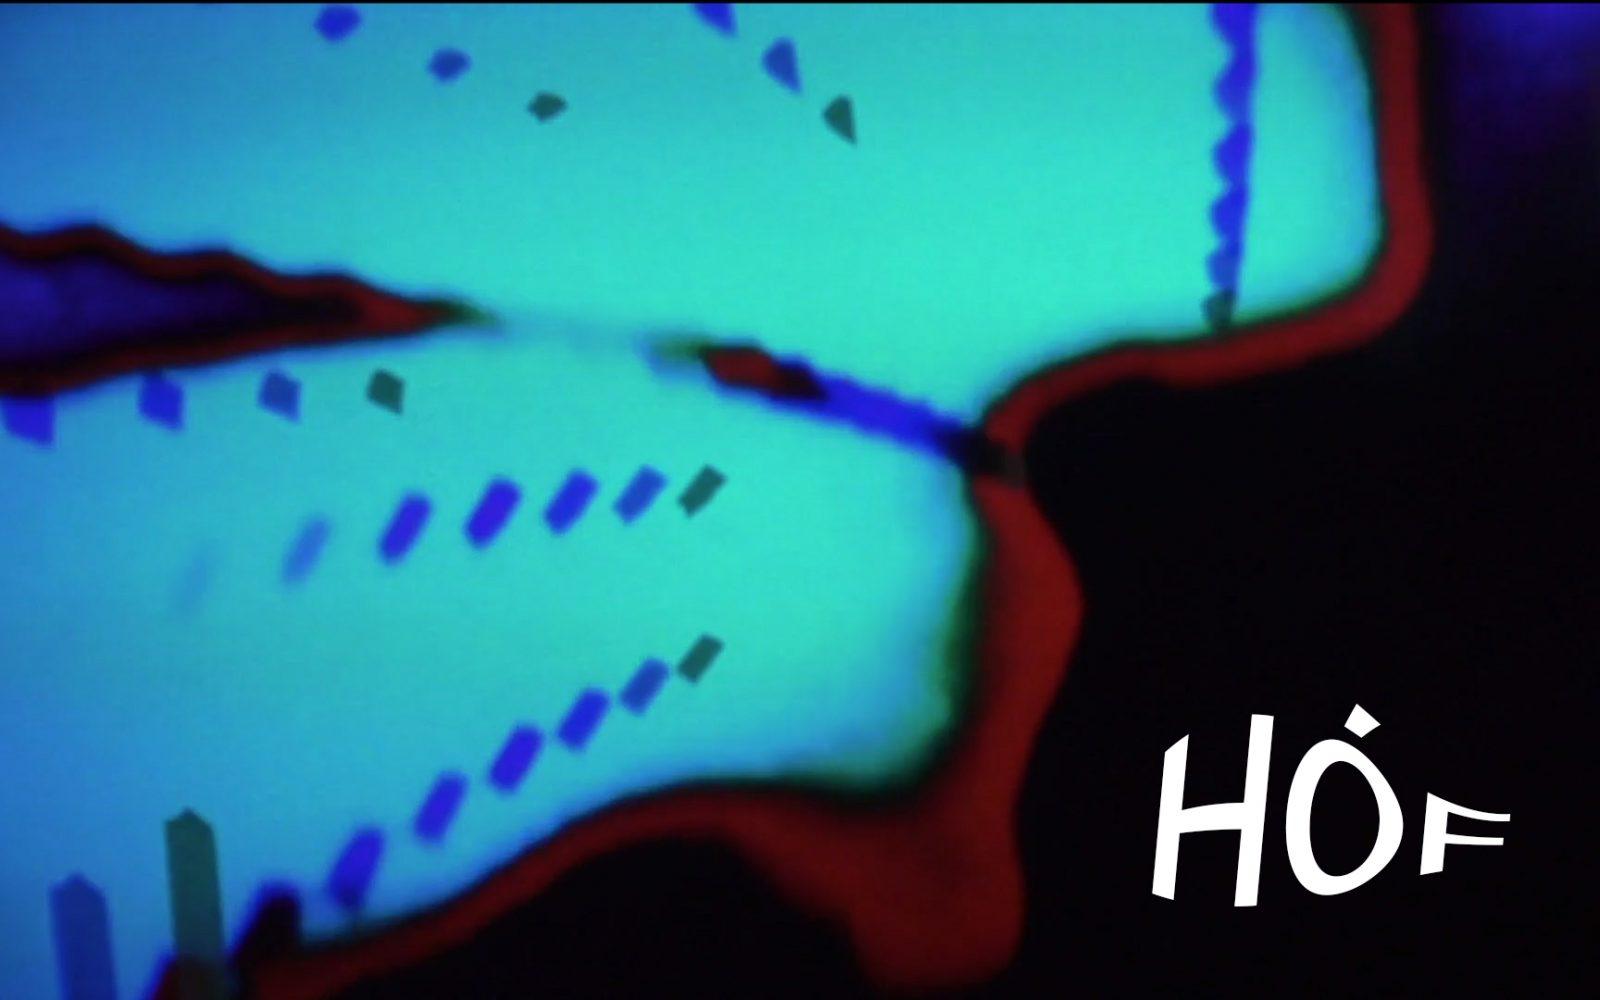 Hof Logo Lightsfest